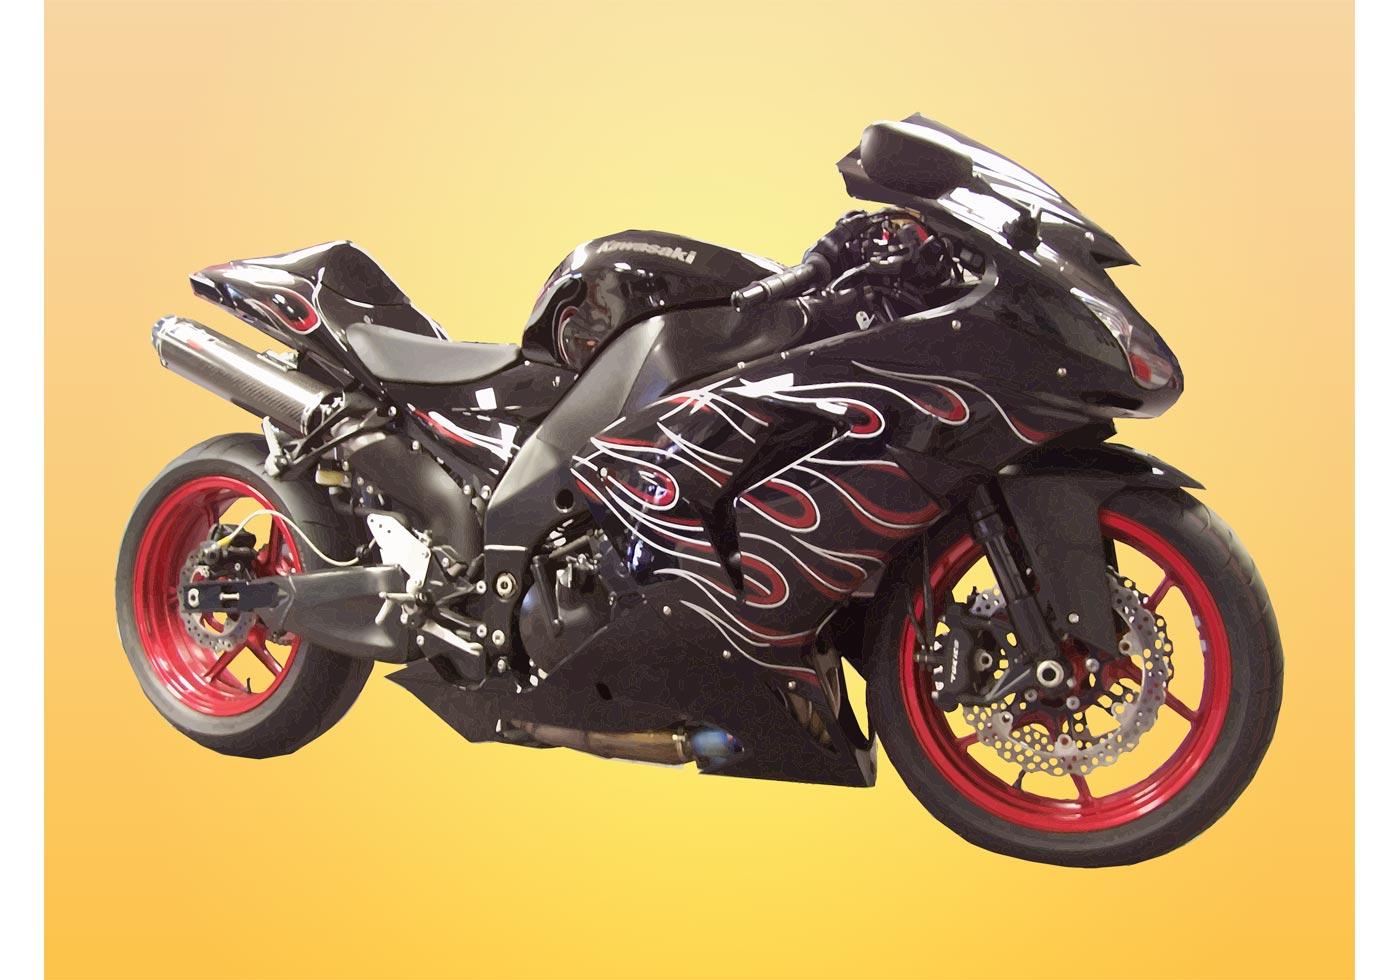 Kawasaki Motorcycle Download Free Vectors Clipart